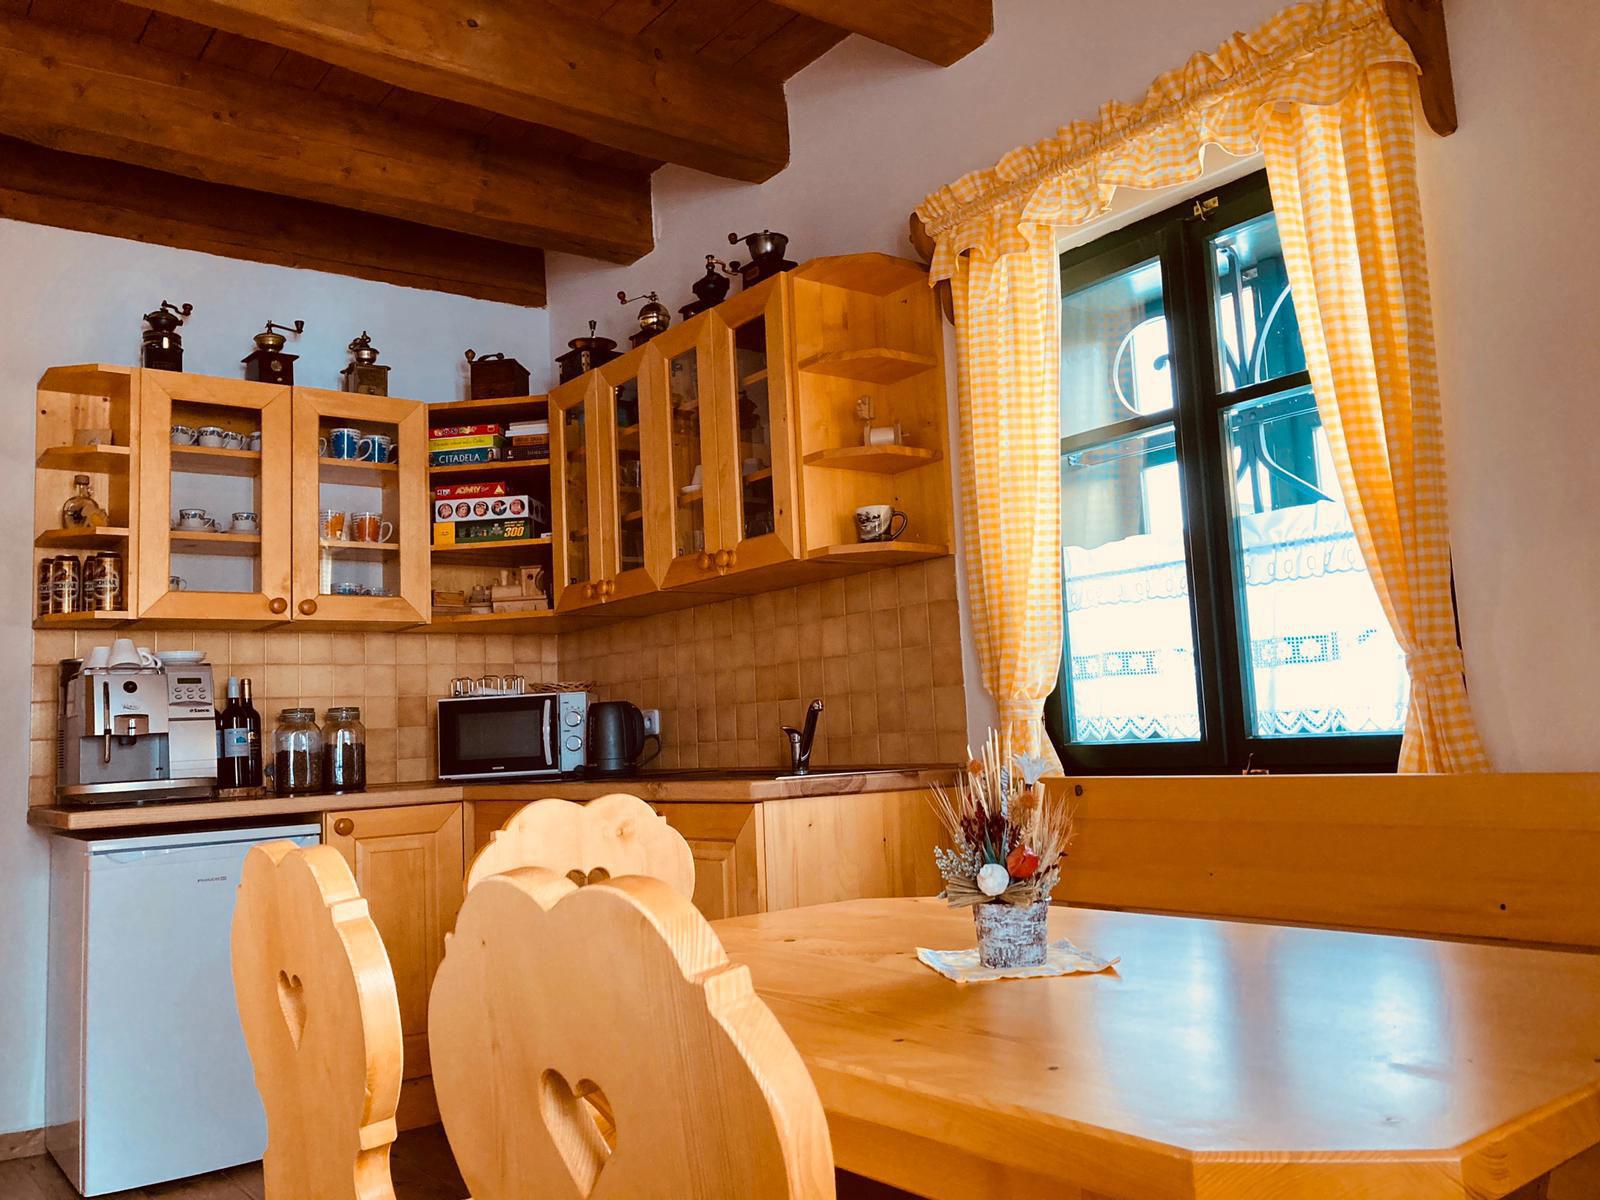 chalupy - kuchyňka